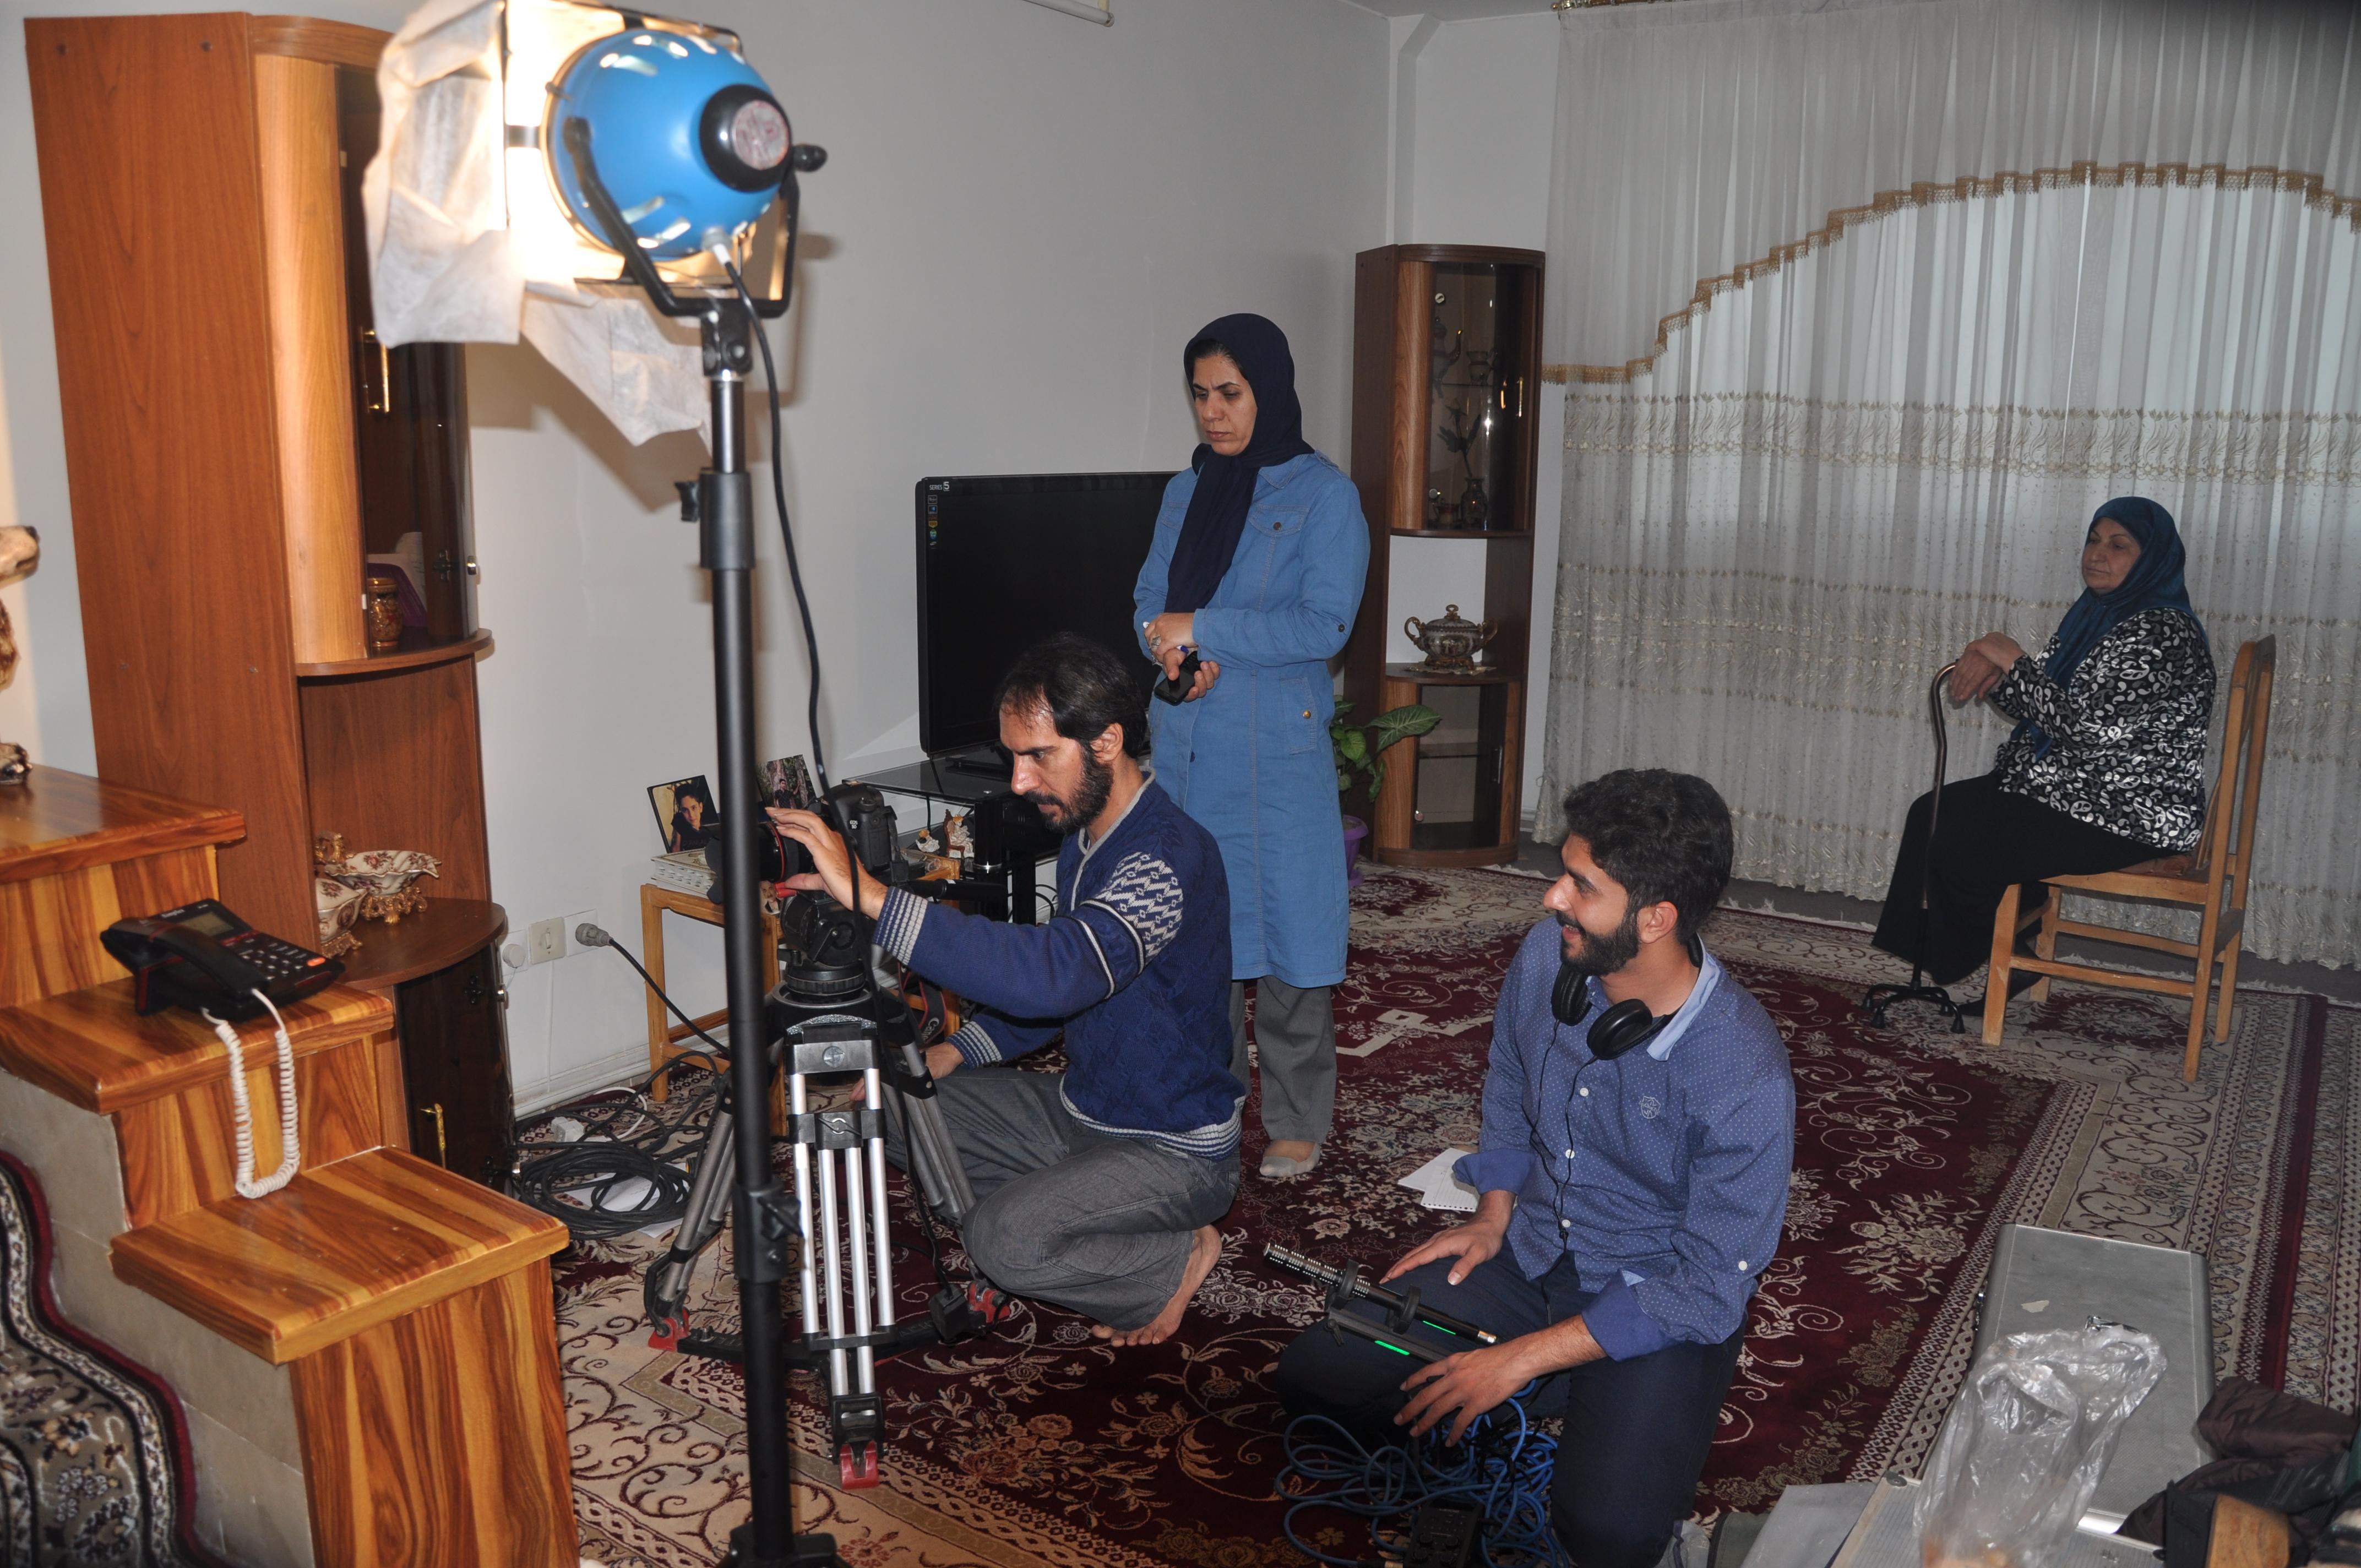 فیلم داستانی شماره اشتباه - مهری عموسلطانی۱